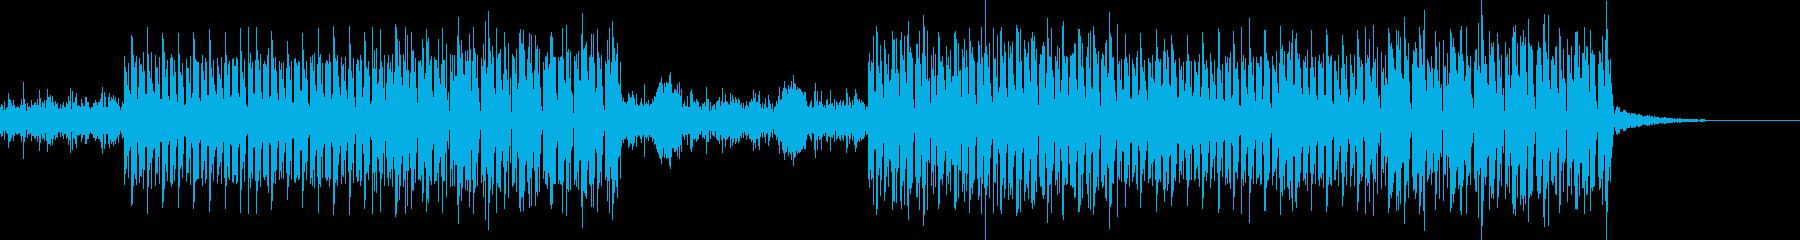 夜・ダンス・ハウス・ドライブの再生済みの波形